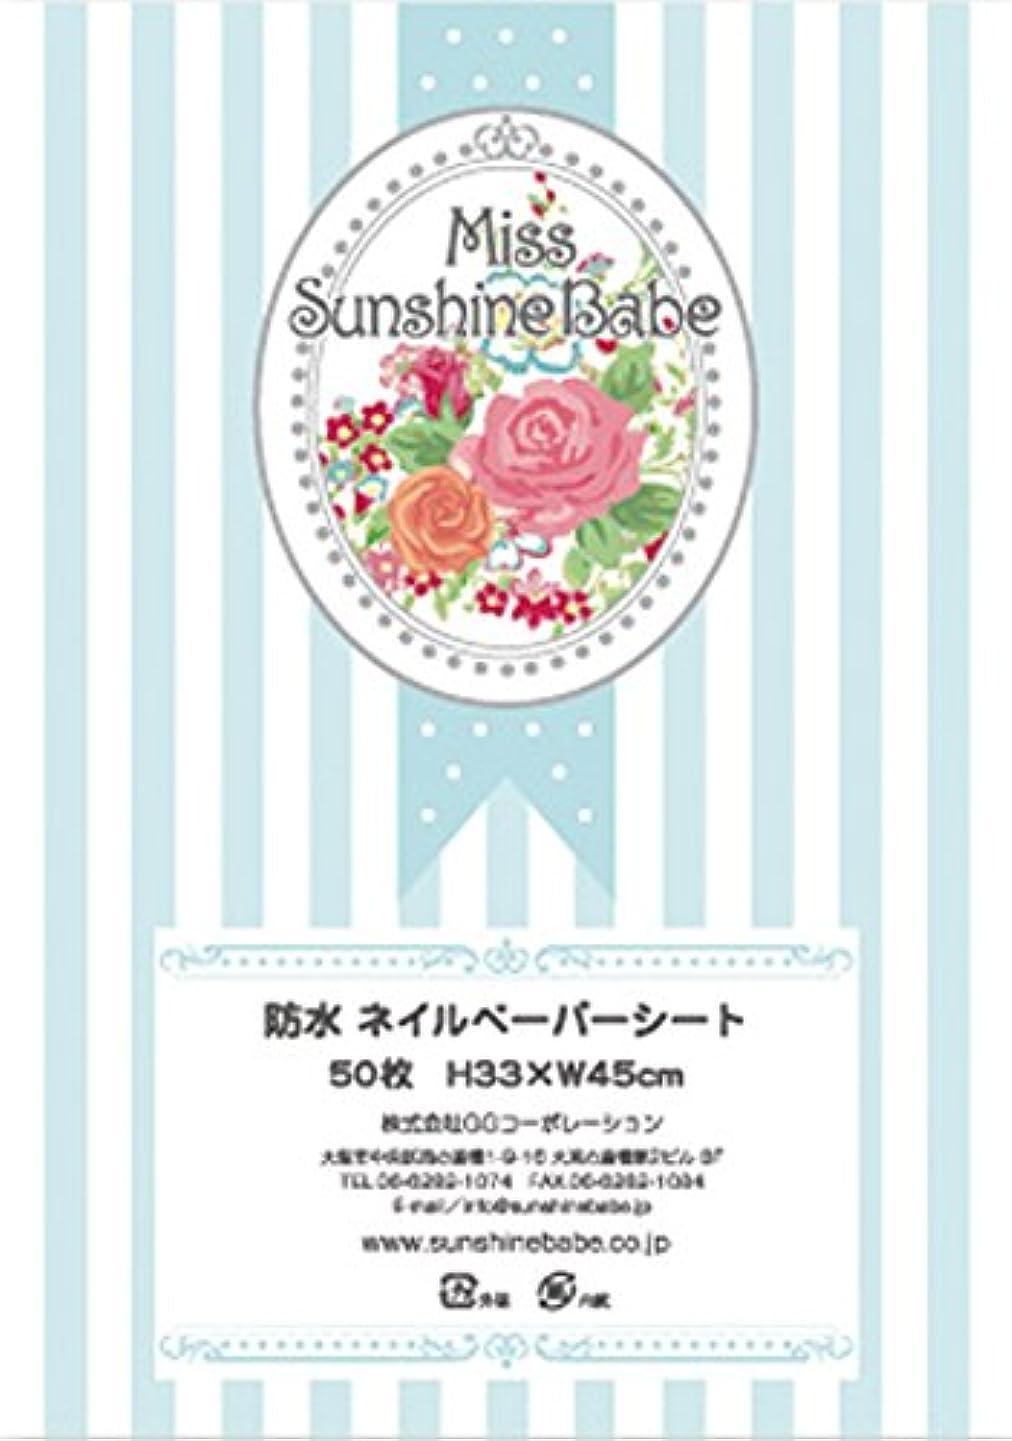 ピケ出力SunshineBabe サンシャインベビー ペーパーシート 50枚 ホワイト